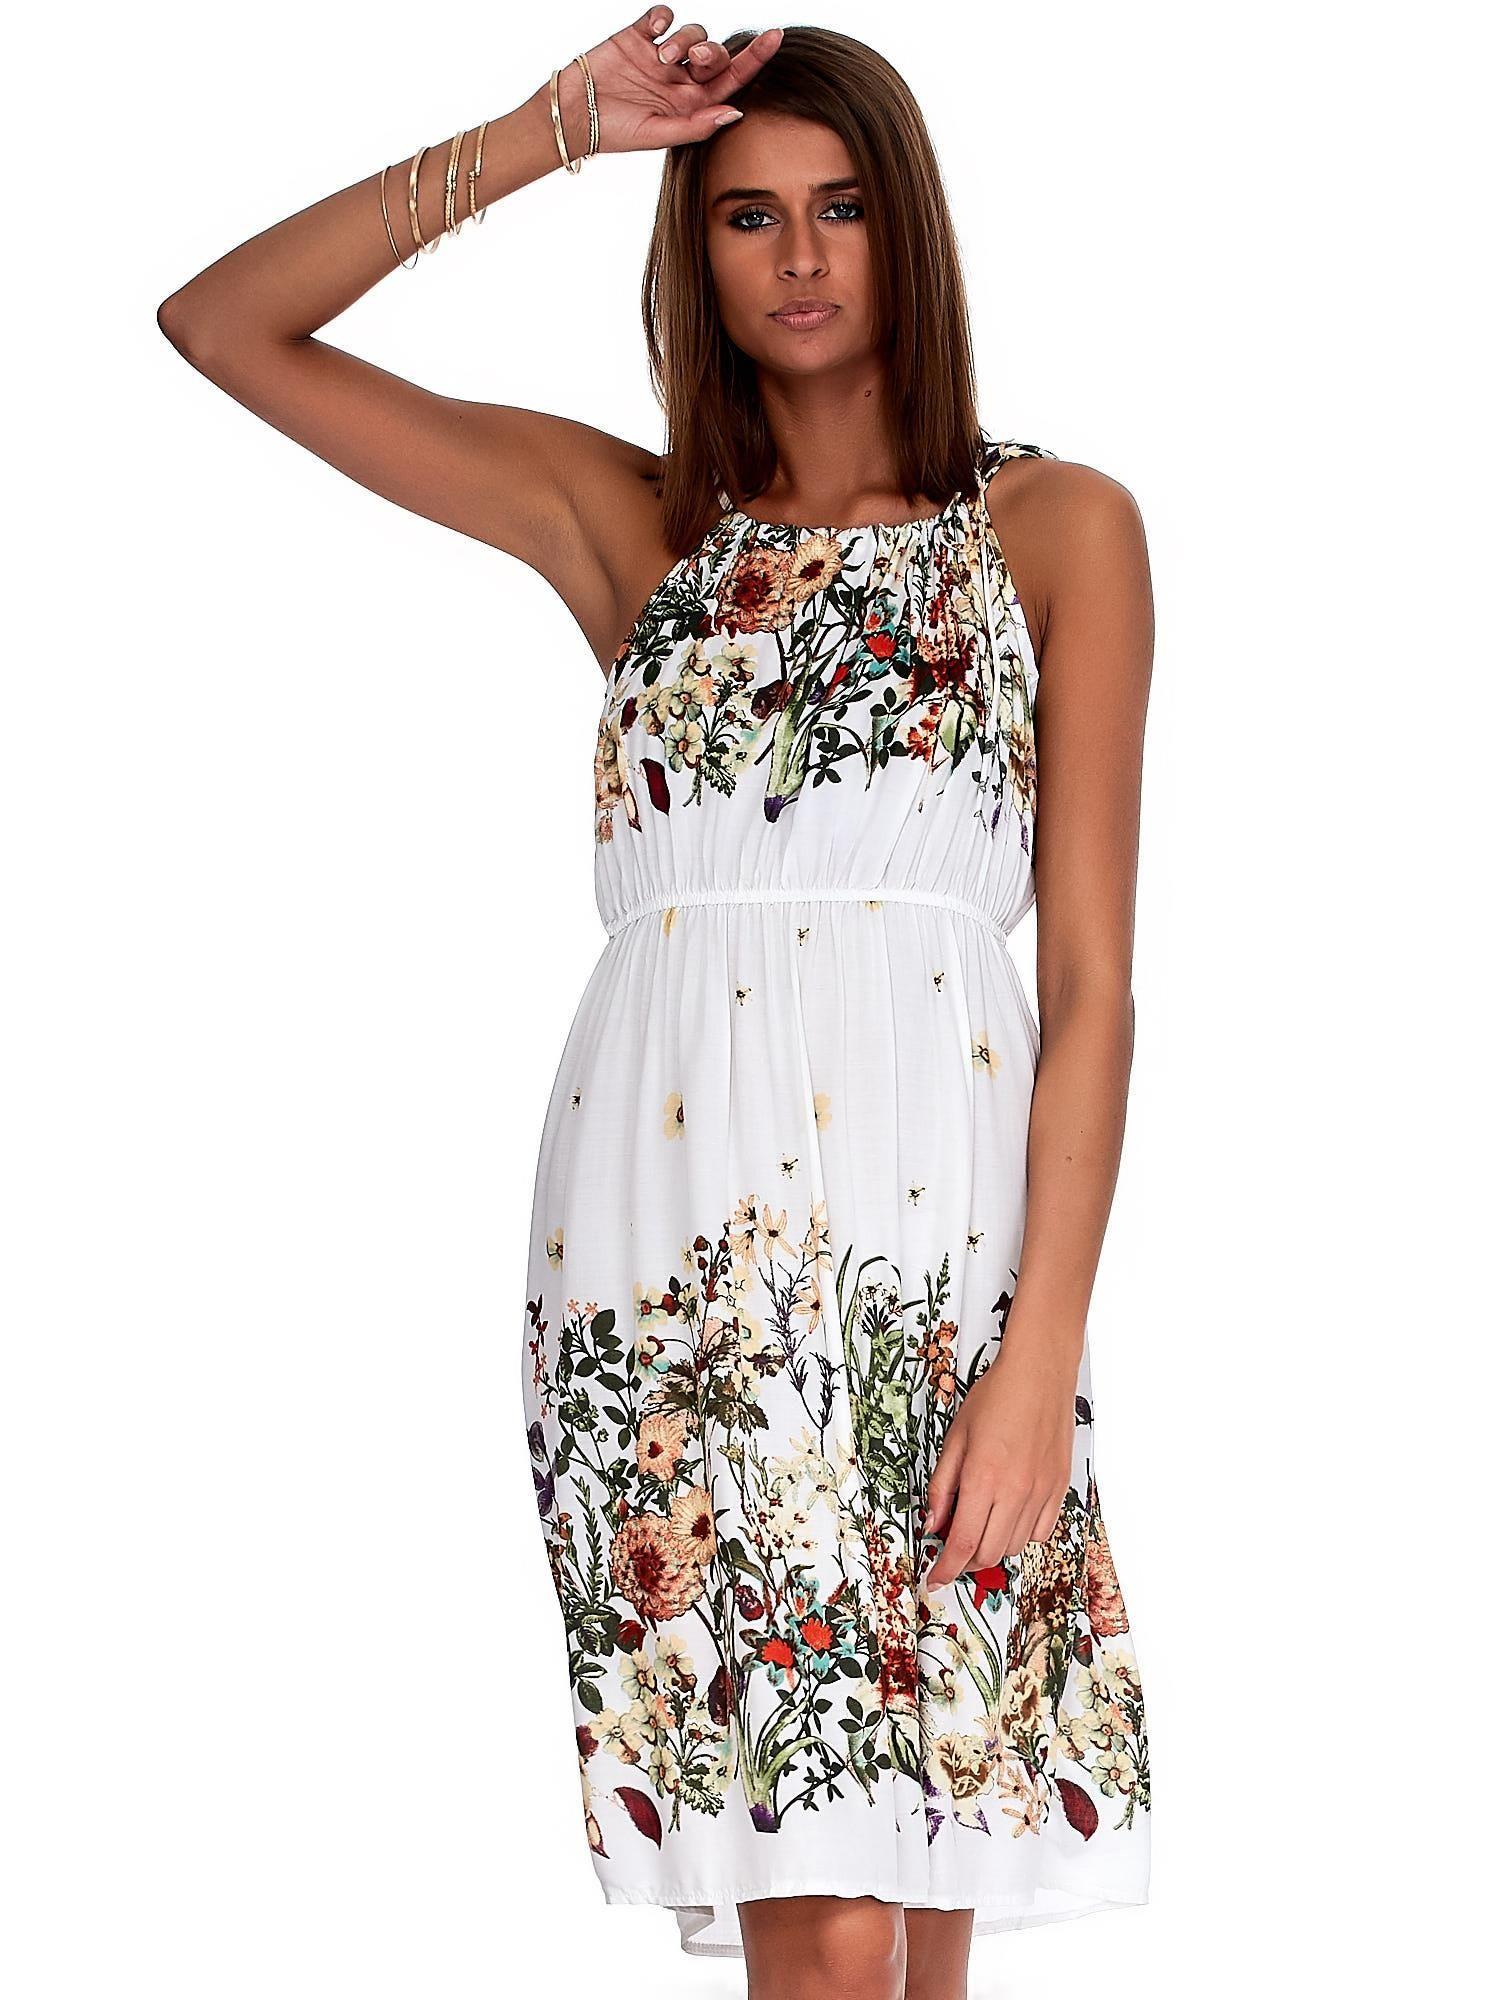 60cd26295f Biała zwiewna sukienka w kolorowe kwiaty - Sukienka one size - sklep ...